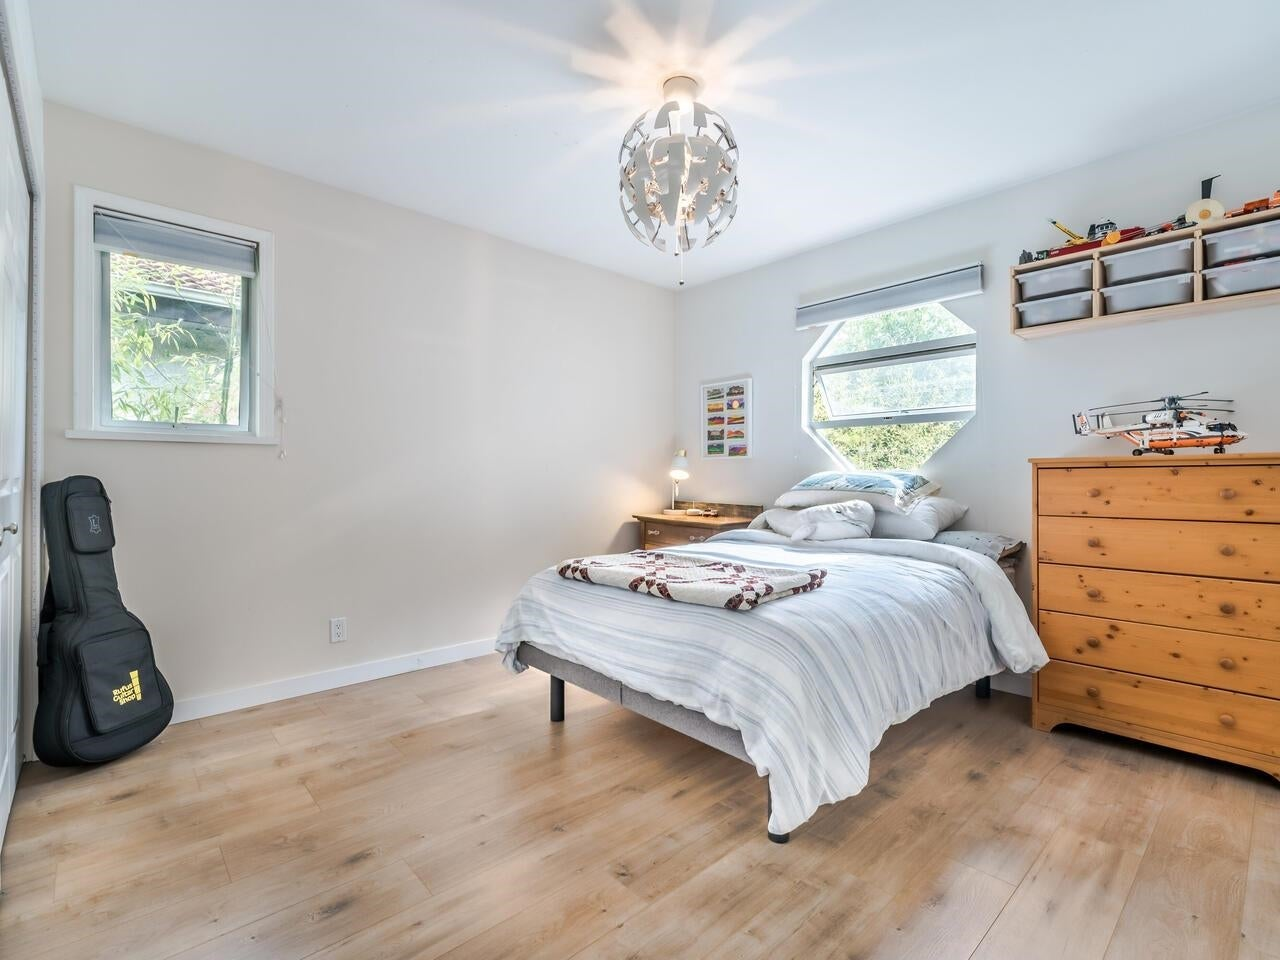 1231 E 11TH AVENUE - Mount Pleasant VE 1/2 Duplex for sale, 3 Bedrooms (R2625828) - #25